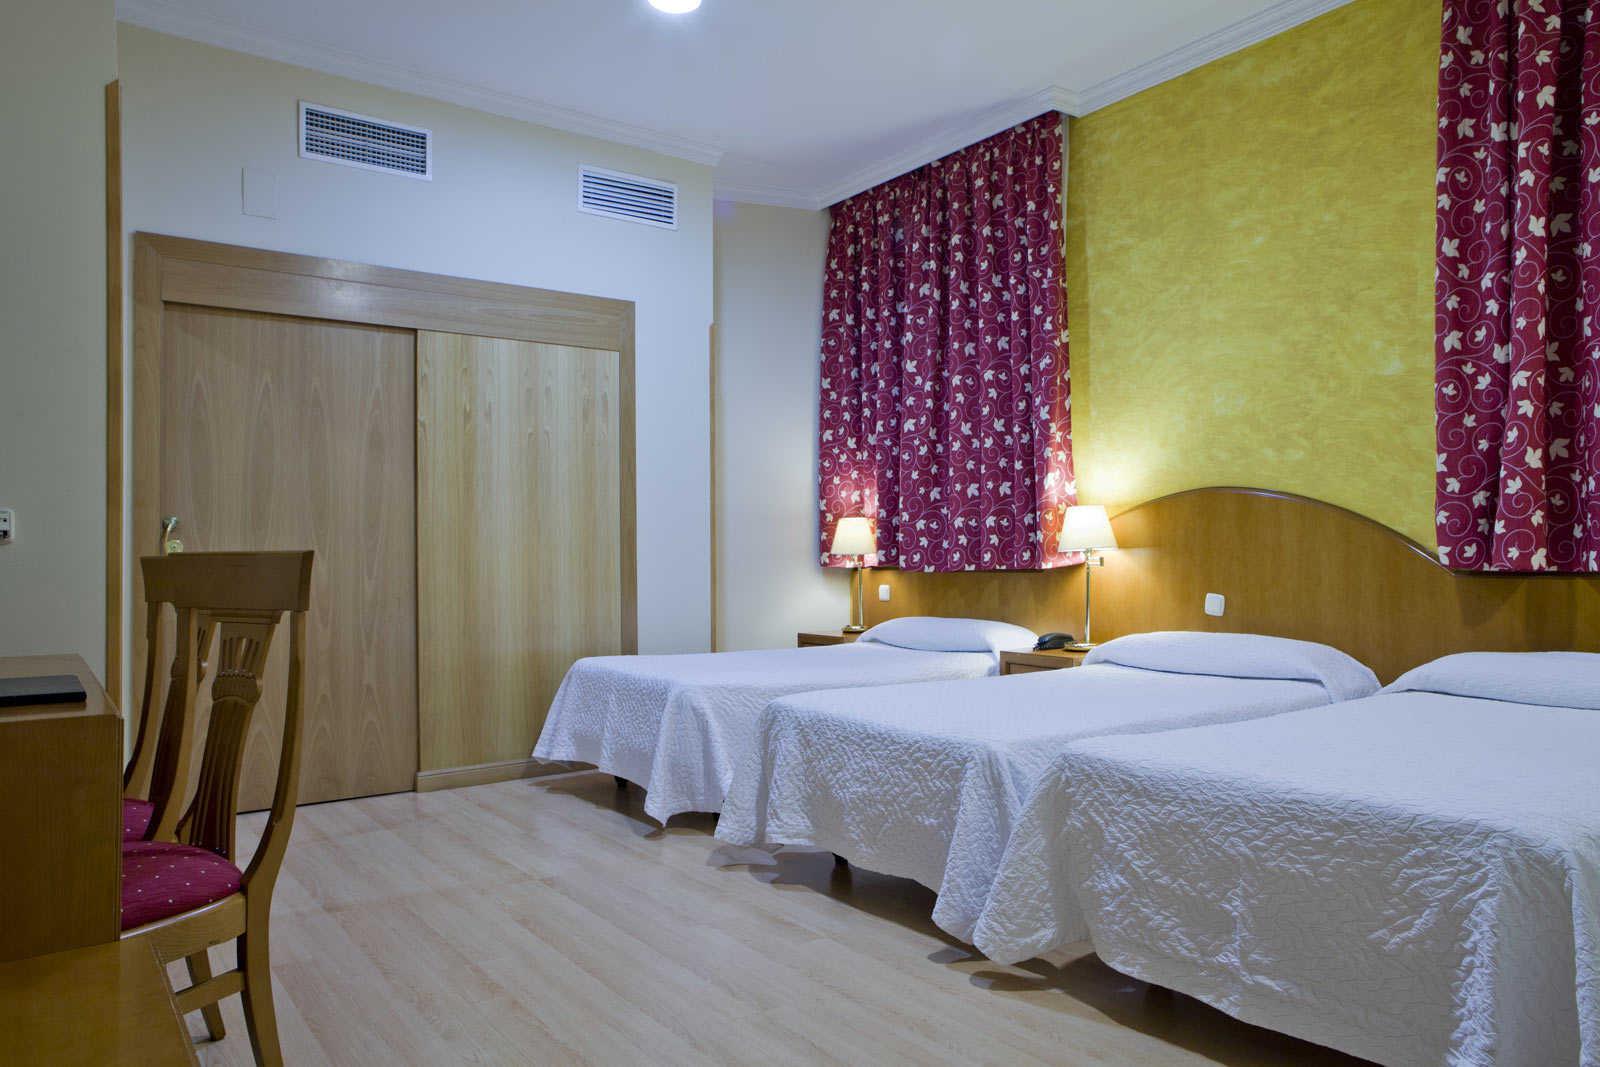 Hotel en madrid centro hotel europa reserva al mejor for Hotel habitacion familiar londres